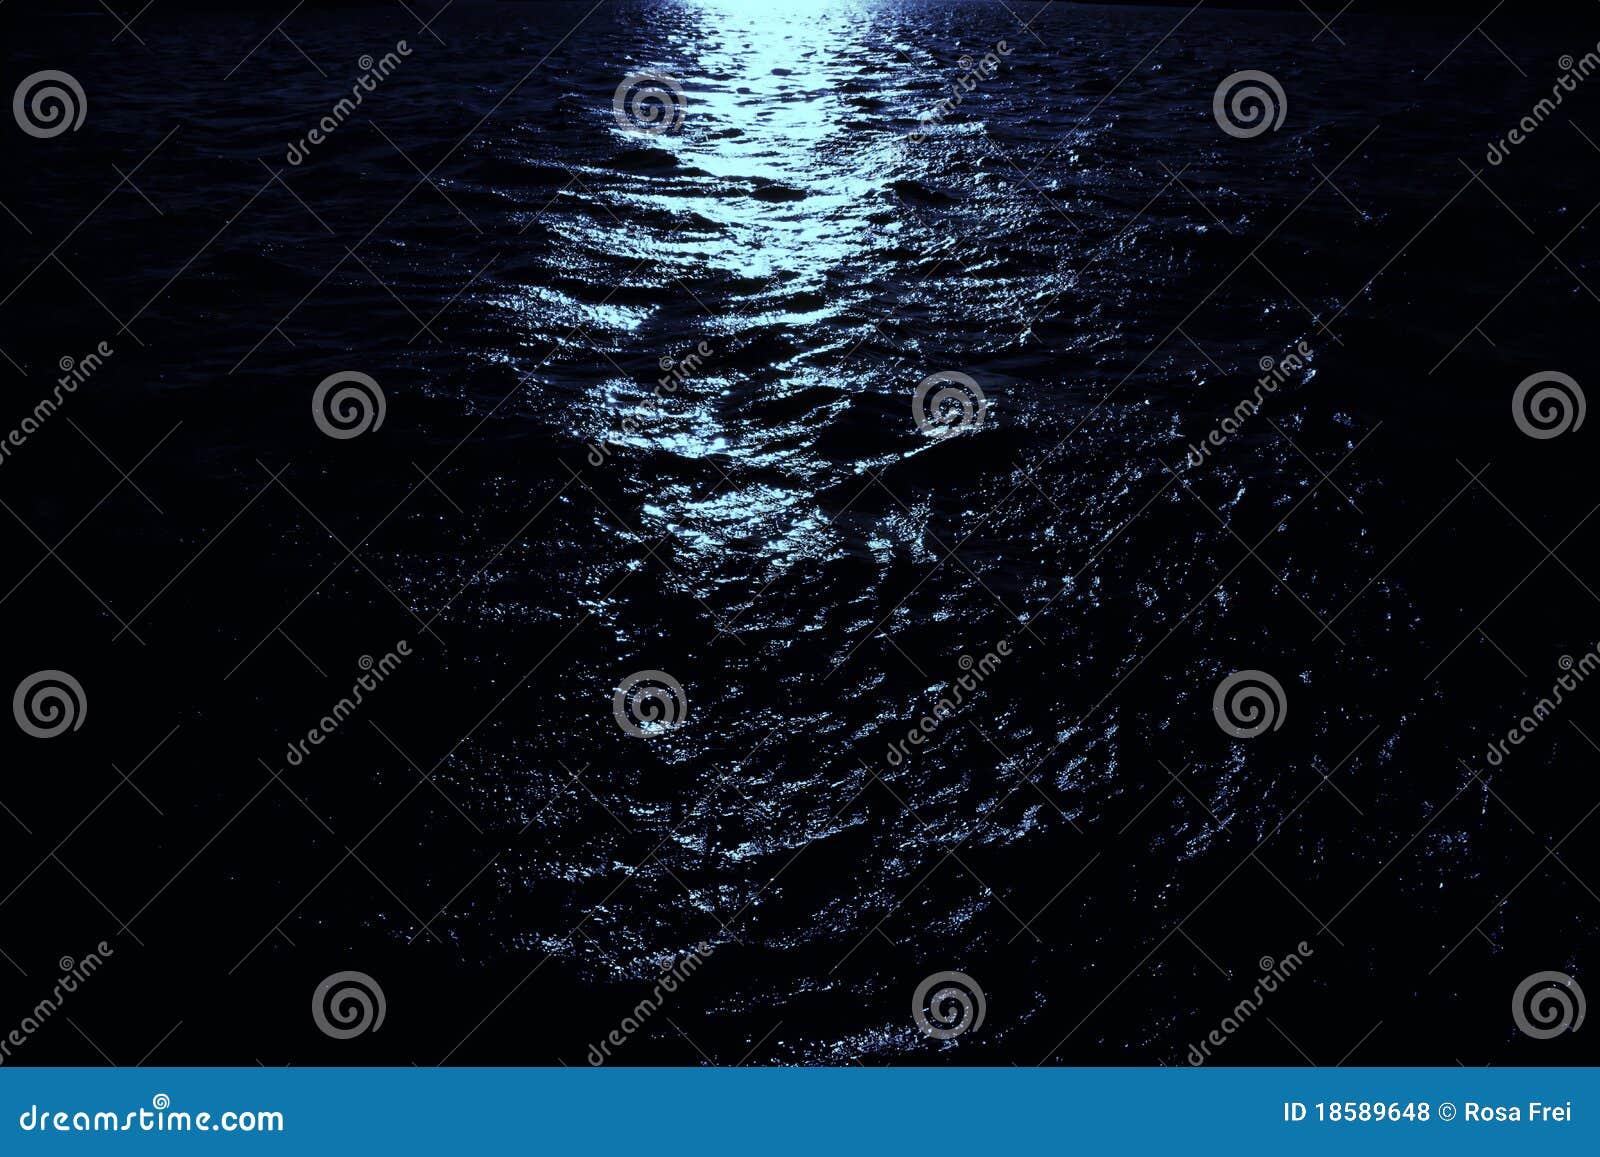 Luar No Mar Escuro Foto De Stock Imagem De Wallpaper 18589648